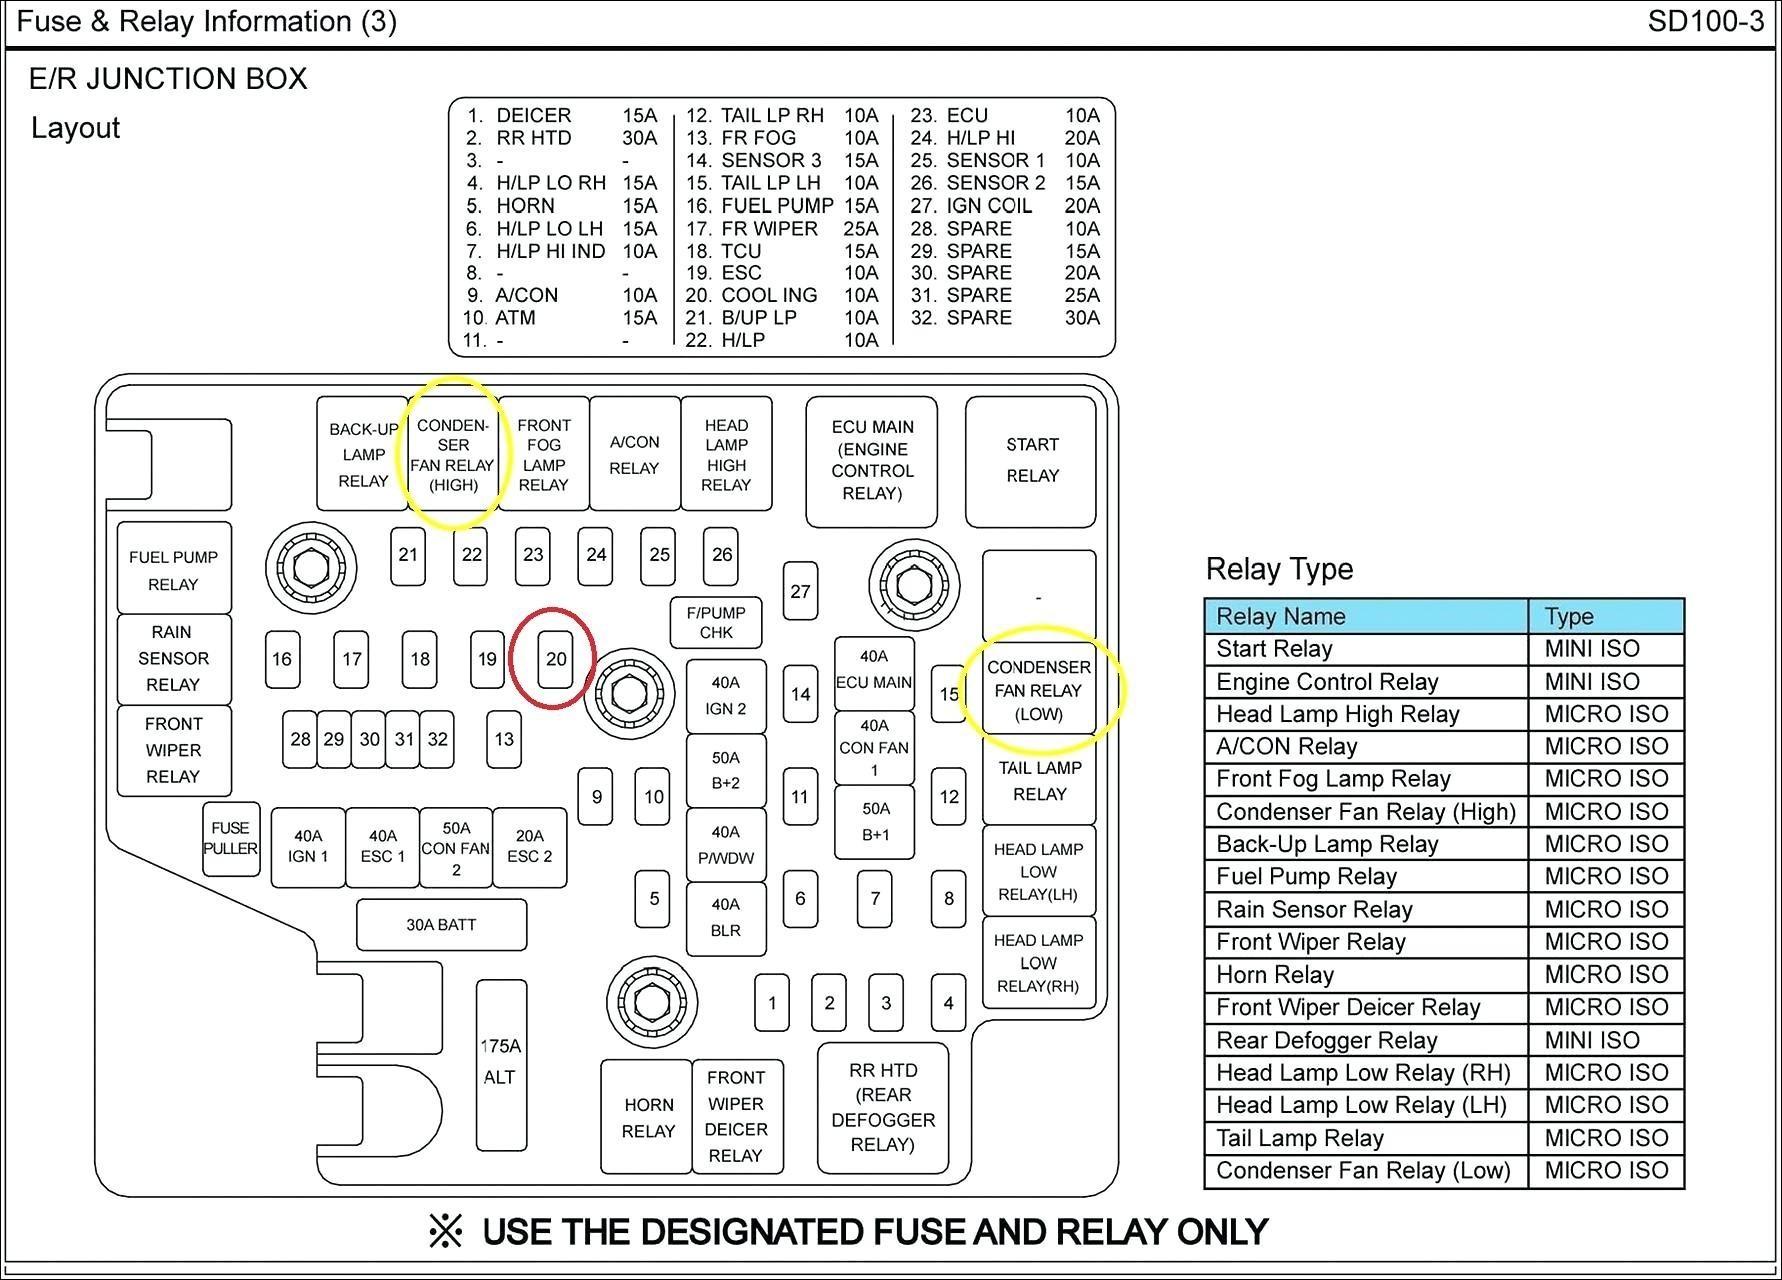 2001 Hyundai Elantra Engine Diagram Hyundai Entourage Wiring Diagram Hyundai Wiring Diagrams Instructions Of 2001 Hyundai Elantra Engine Diagram